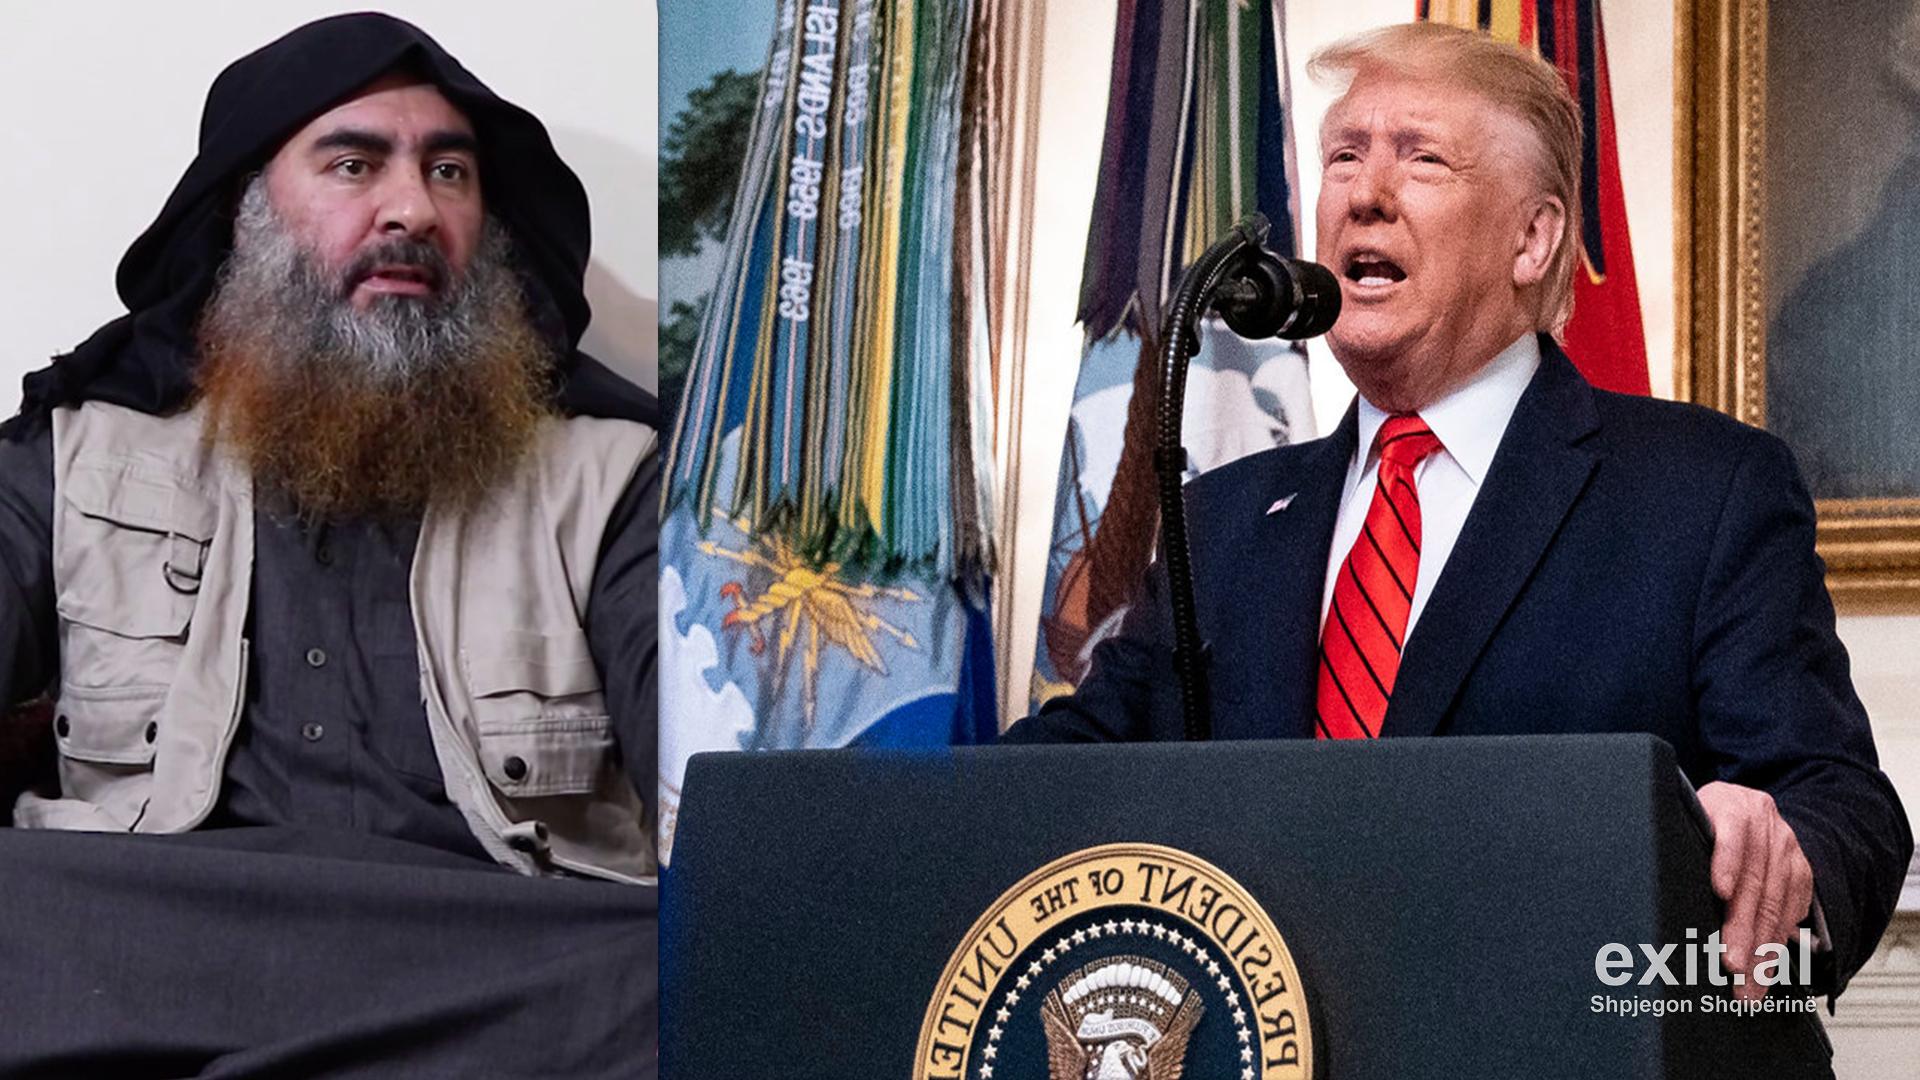 Trump konfirmon ekzekutimin e liderit të ISIS: Vdiq i frikësuar prej forcave tona